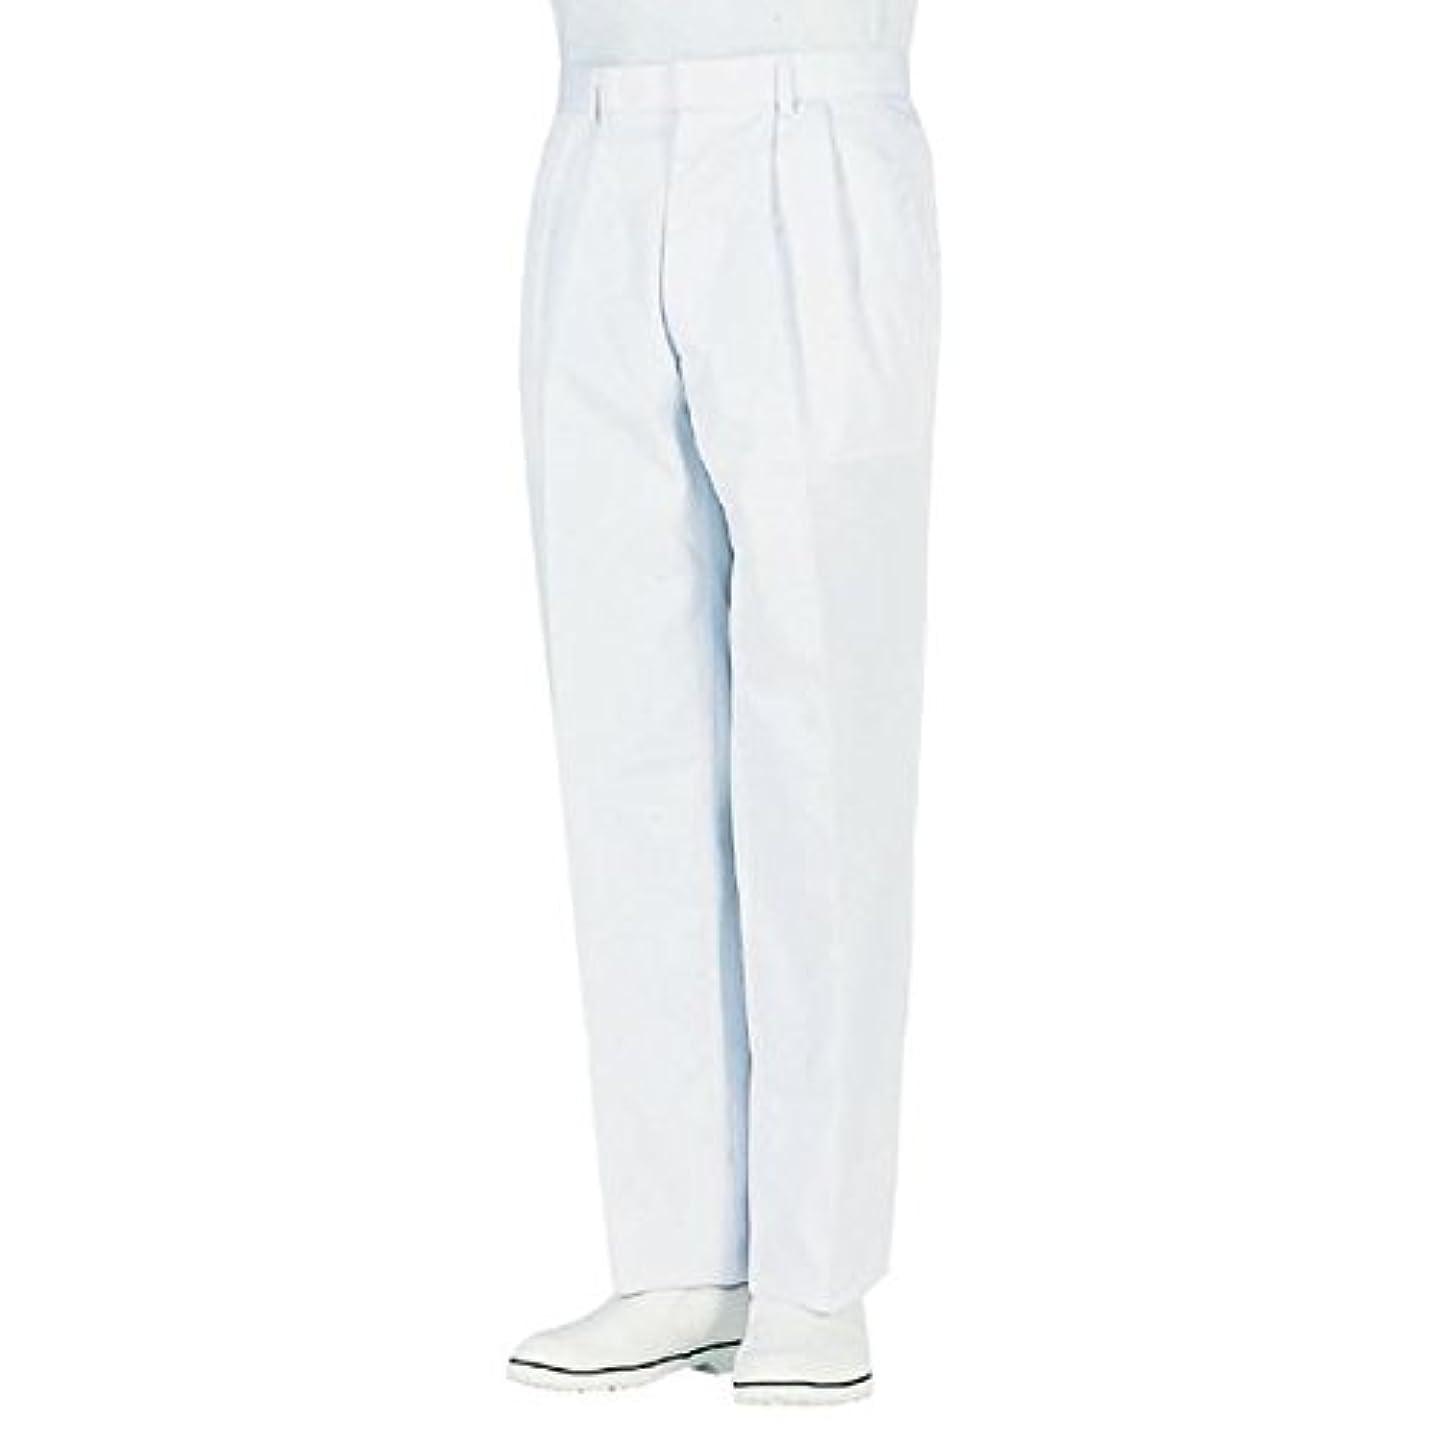 オンスガイドに頼るworkfriend 男子ツータック白パンツ SKH433 ウエスト88cm